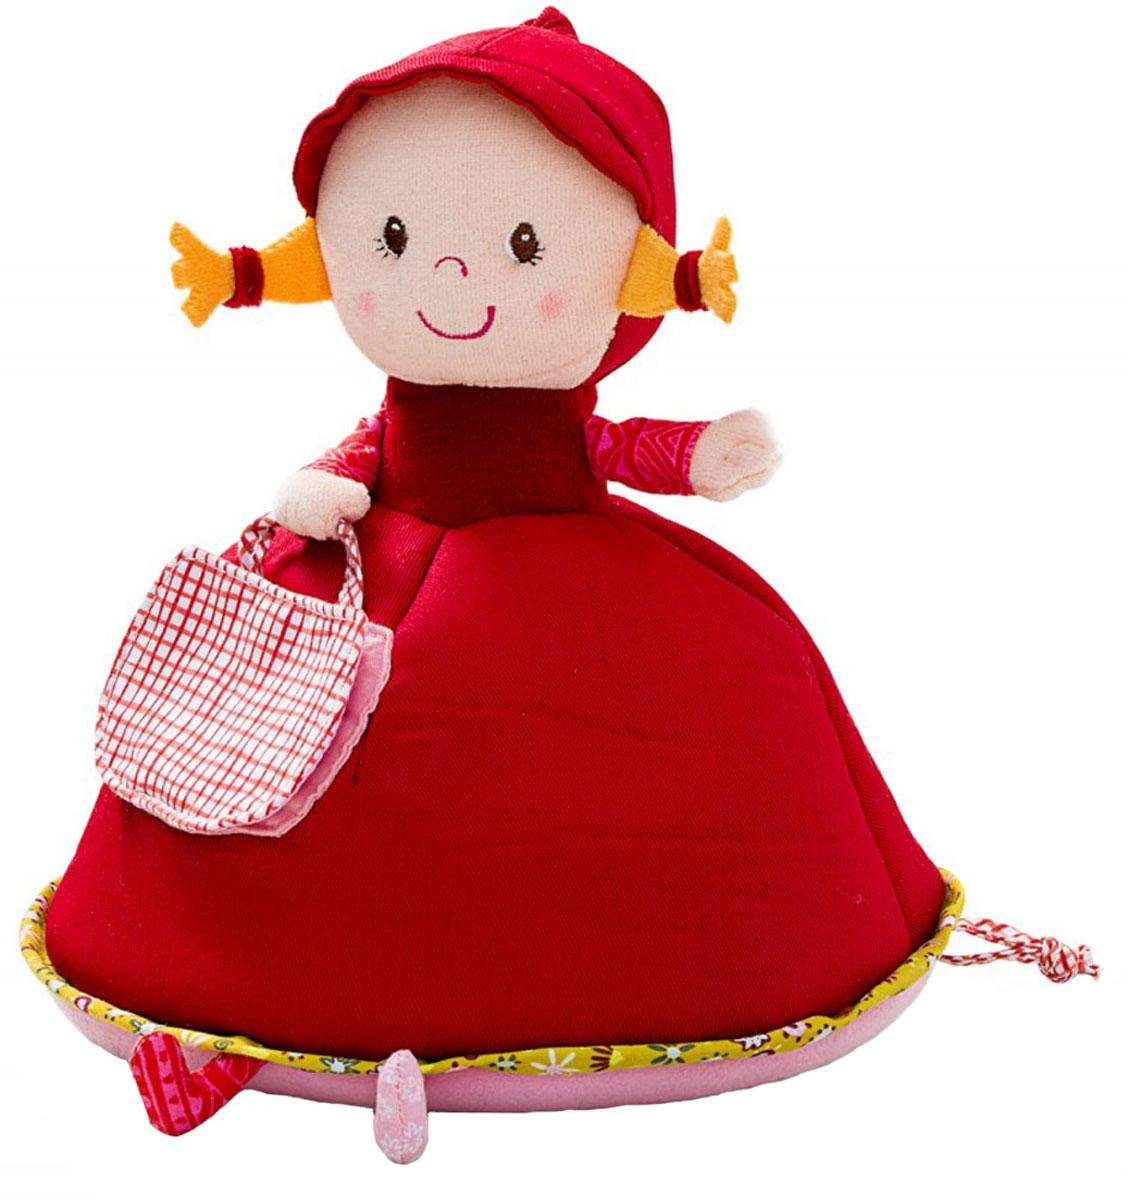 Lilliputiens Копилка музыкальная Красная Шапочка86605Музыкальная копилка Lilliputiens Красная Шапочка станет не только полезным аксессуаром, который научит ребенка беречь денежки, но и чудесным украшением детской комнаты! Она надежно сохранит монетки в своей сумочке! Когда монетка опускается в отверстие, начинает звучать мелодия: Dont Worry, Be Happy. Работает от 2 батареек типа LR44 (замене не подлежат). Игрушка изготовлена из прочных и безопасных материалов.